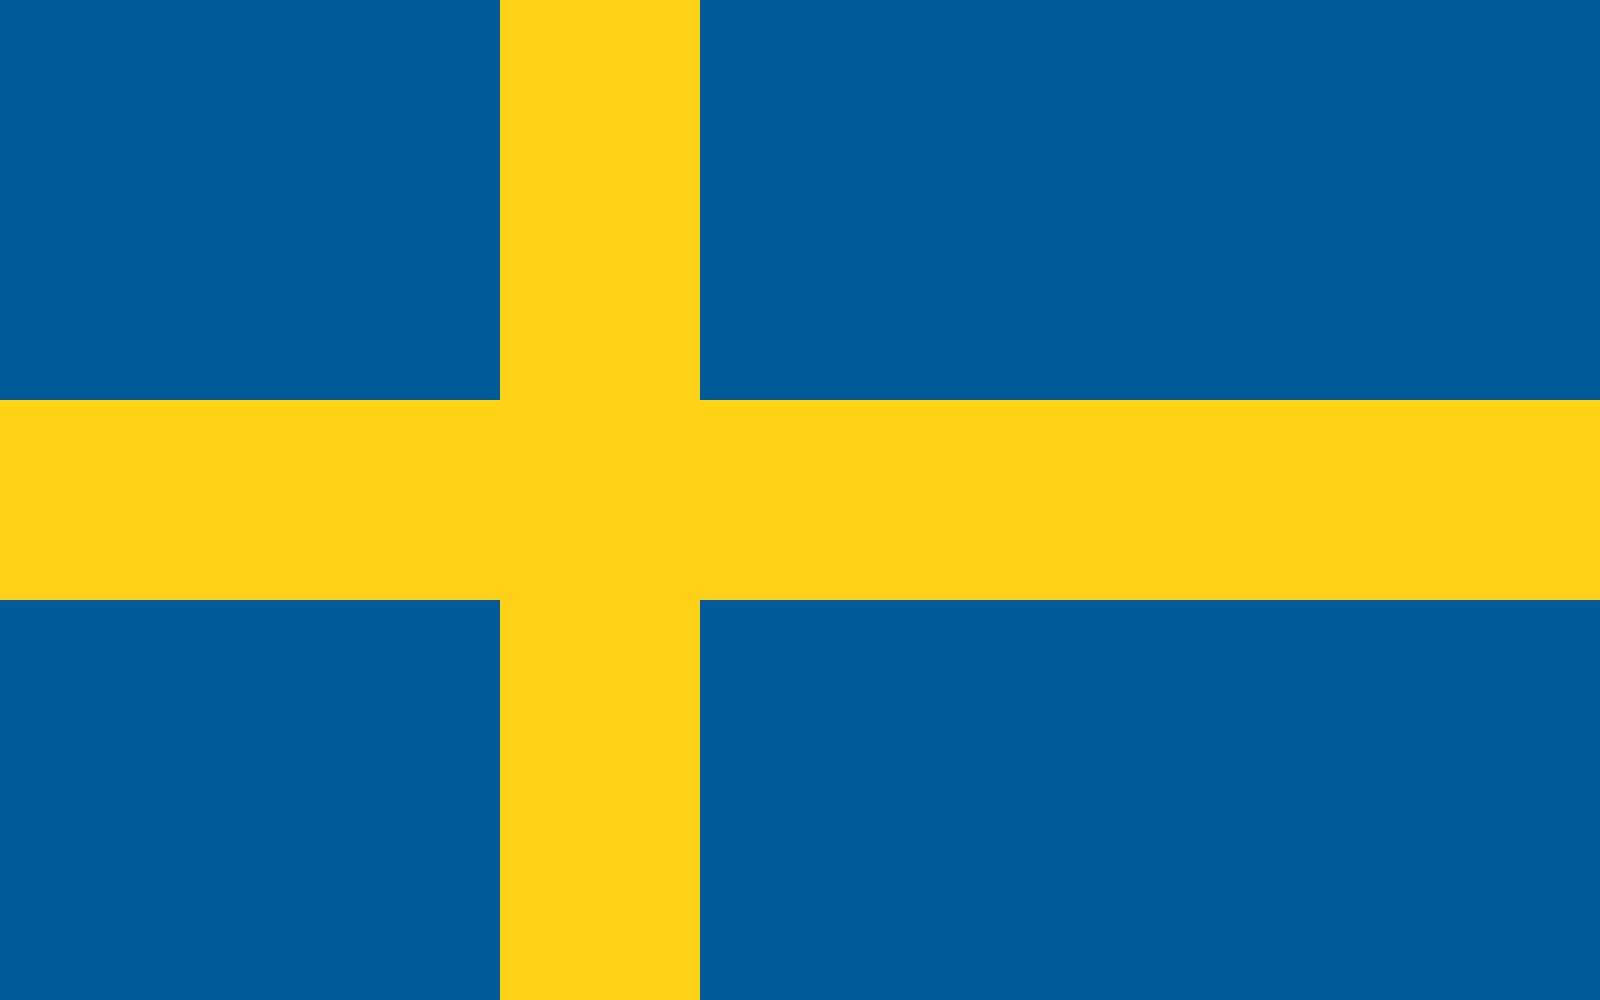 Jag flyttar hem till Sverige